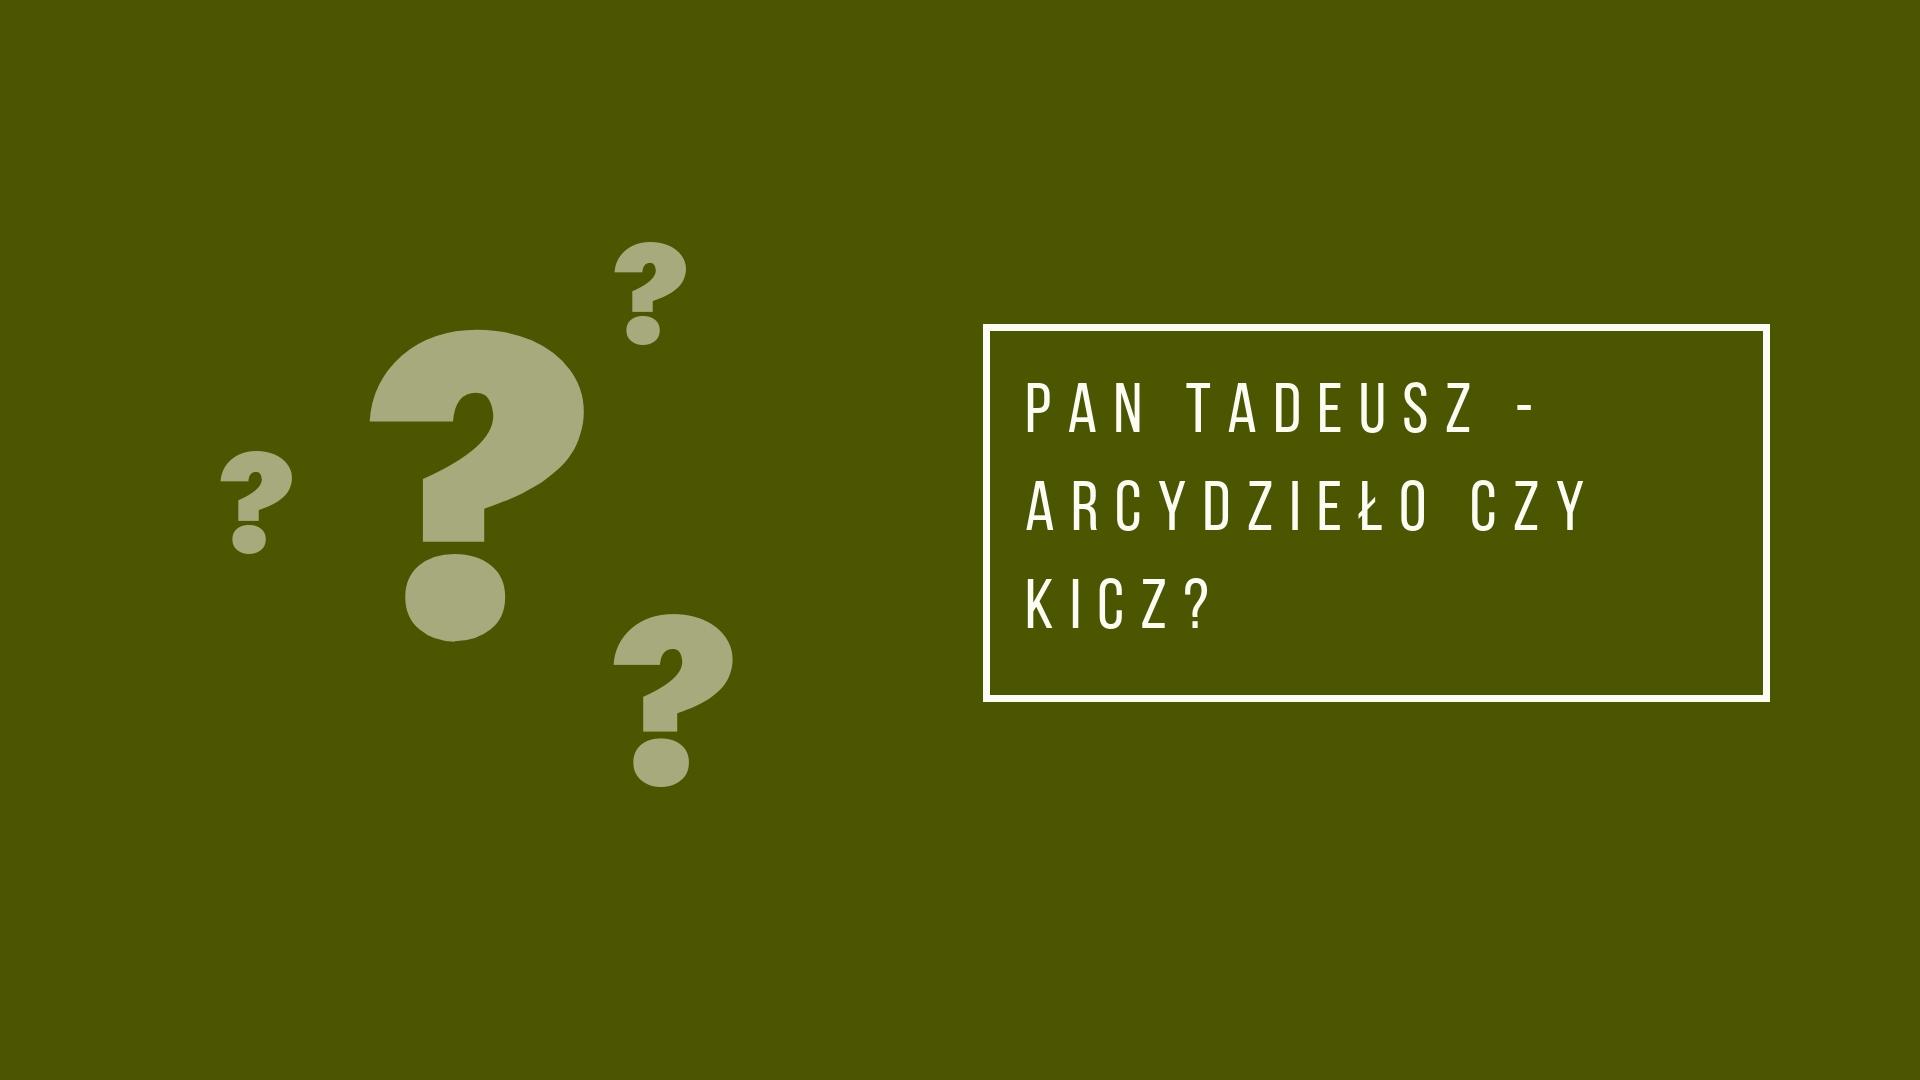 """'Pan Tadeusz""""- arcydzieło czy kicz?"""